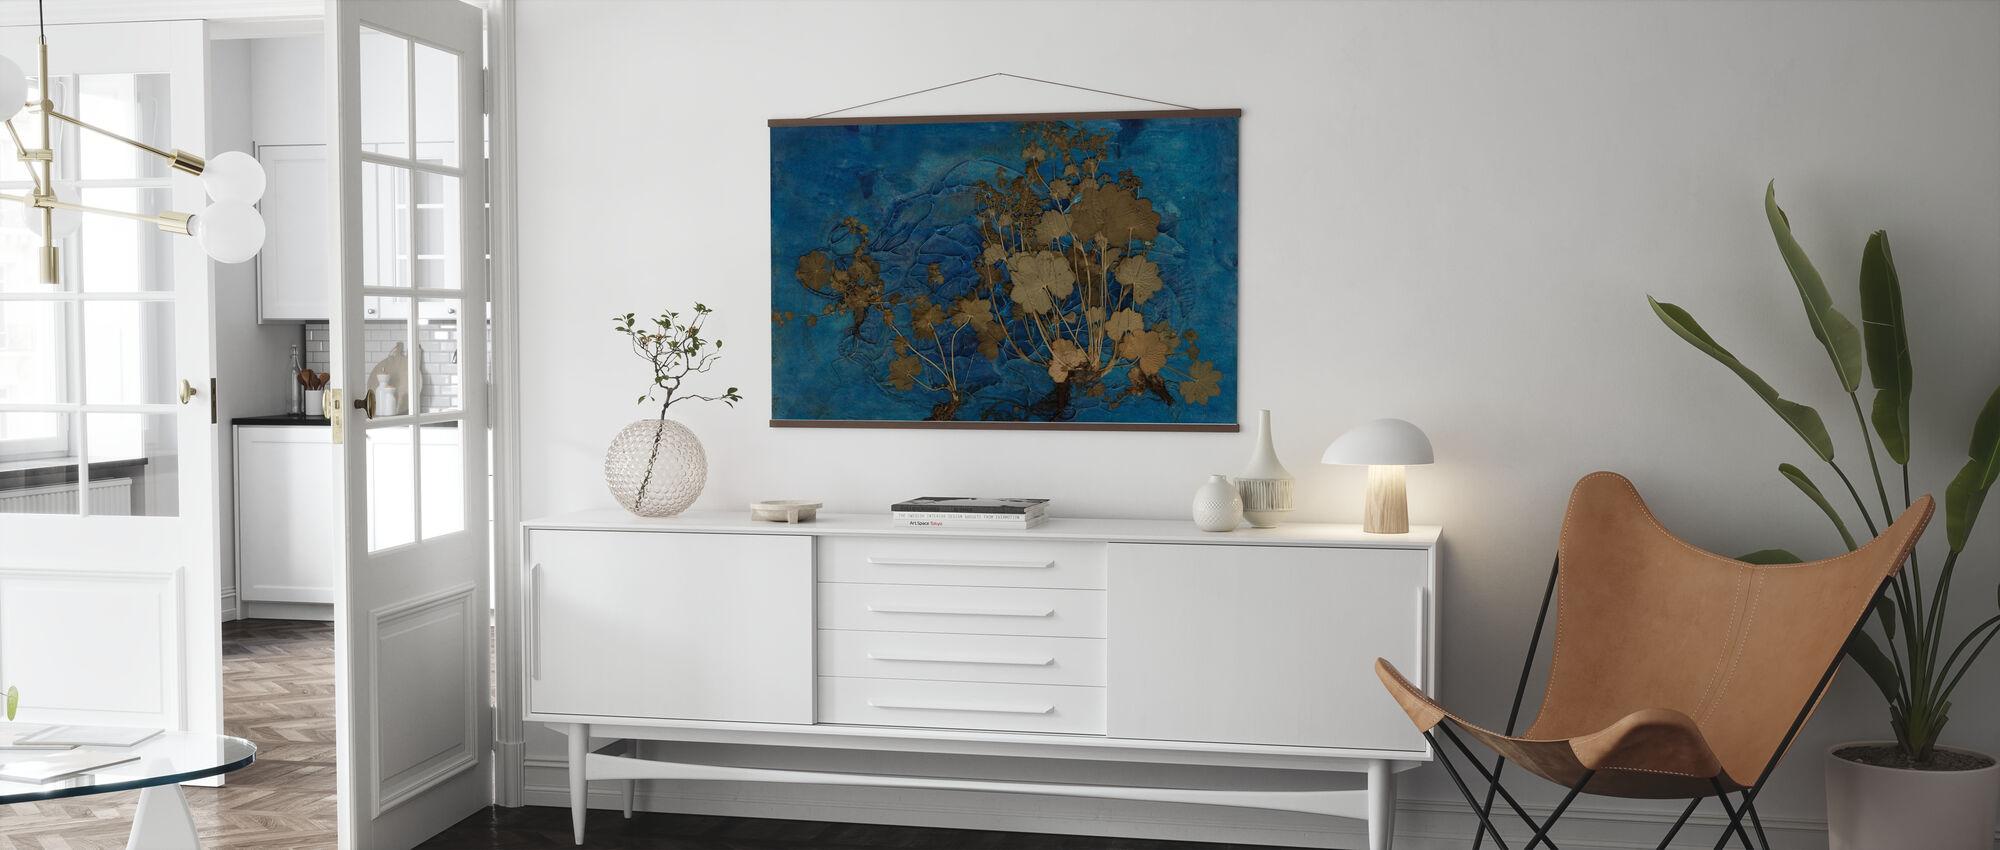 Alchemilla Vulgaris - Poster - Living Room